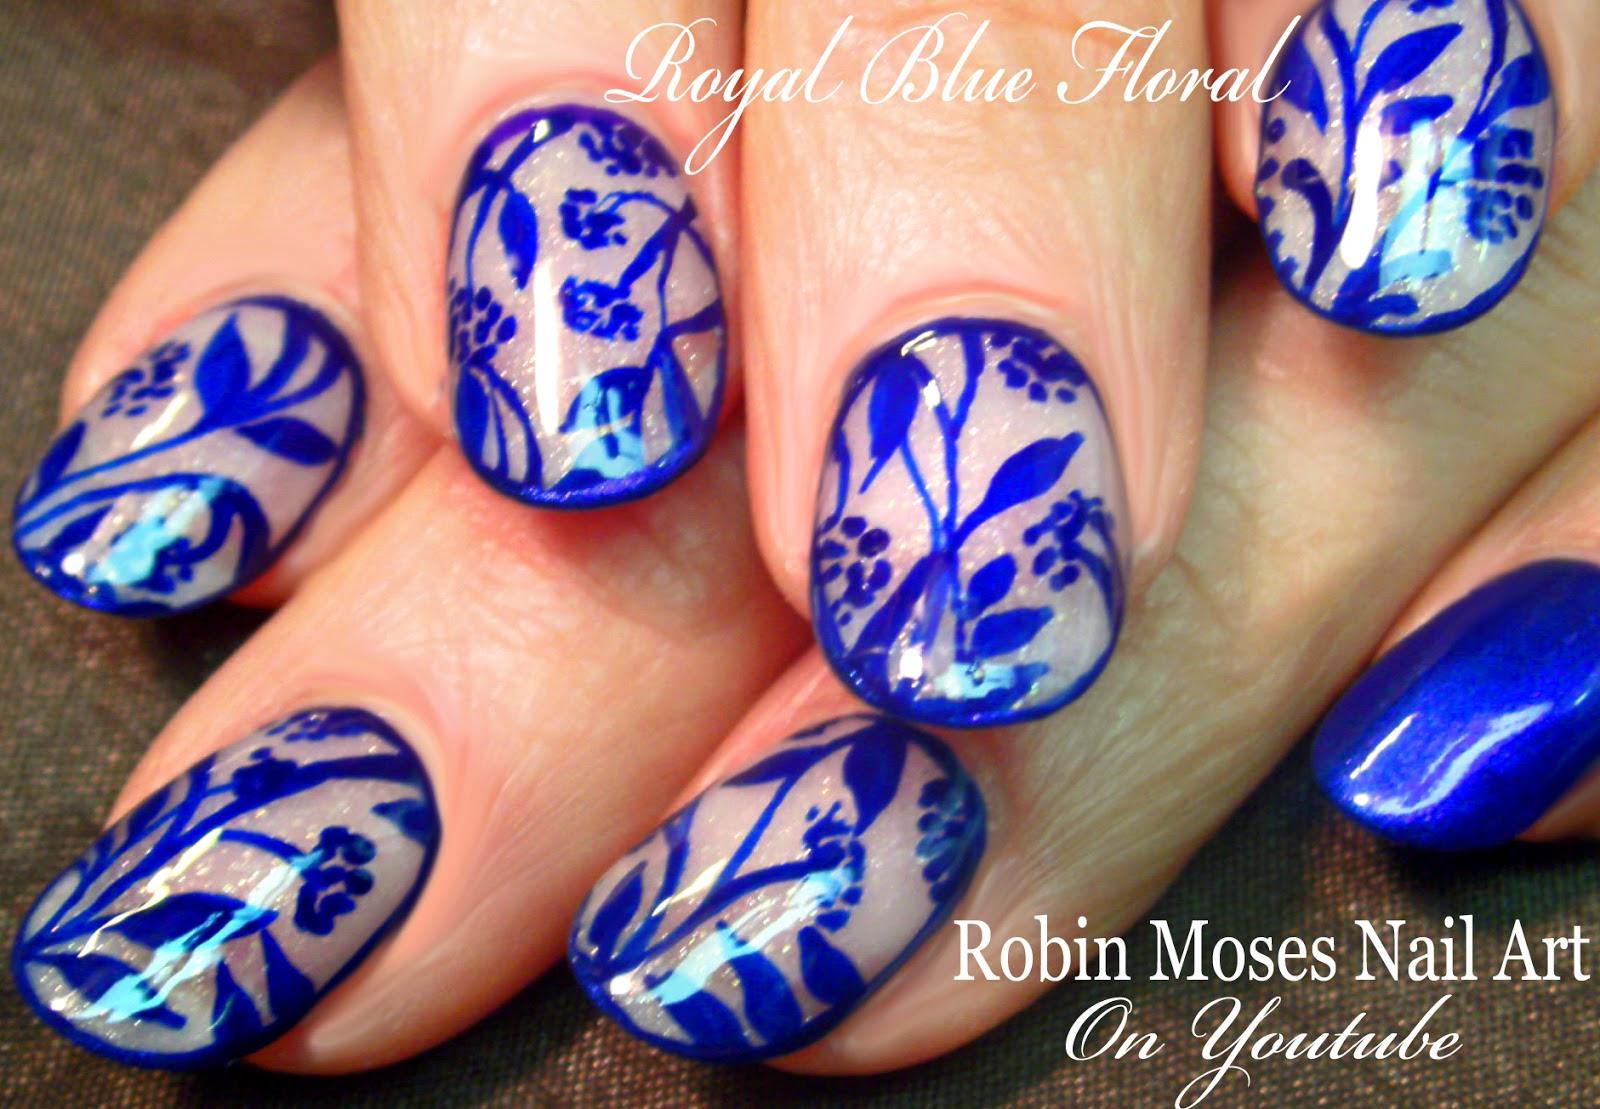 Robin Moses Nail Art: Royal Blue Delft Blauw Nail Art